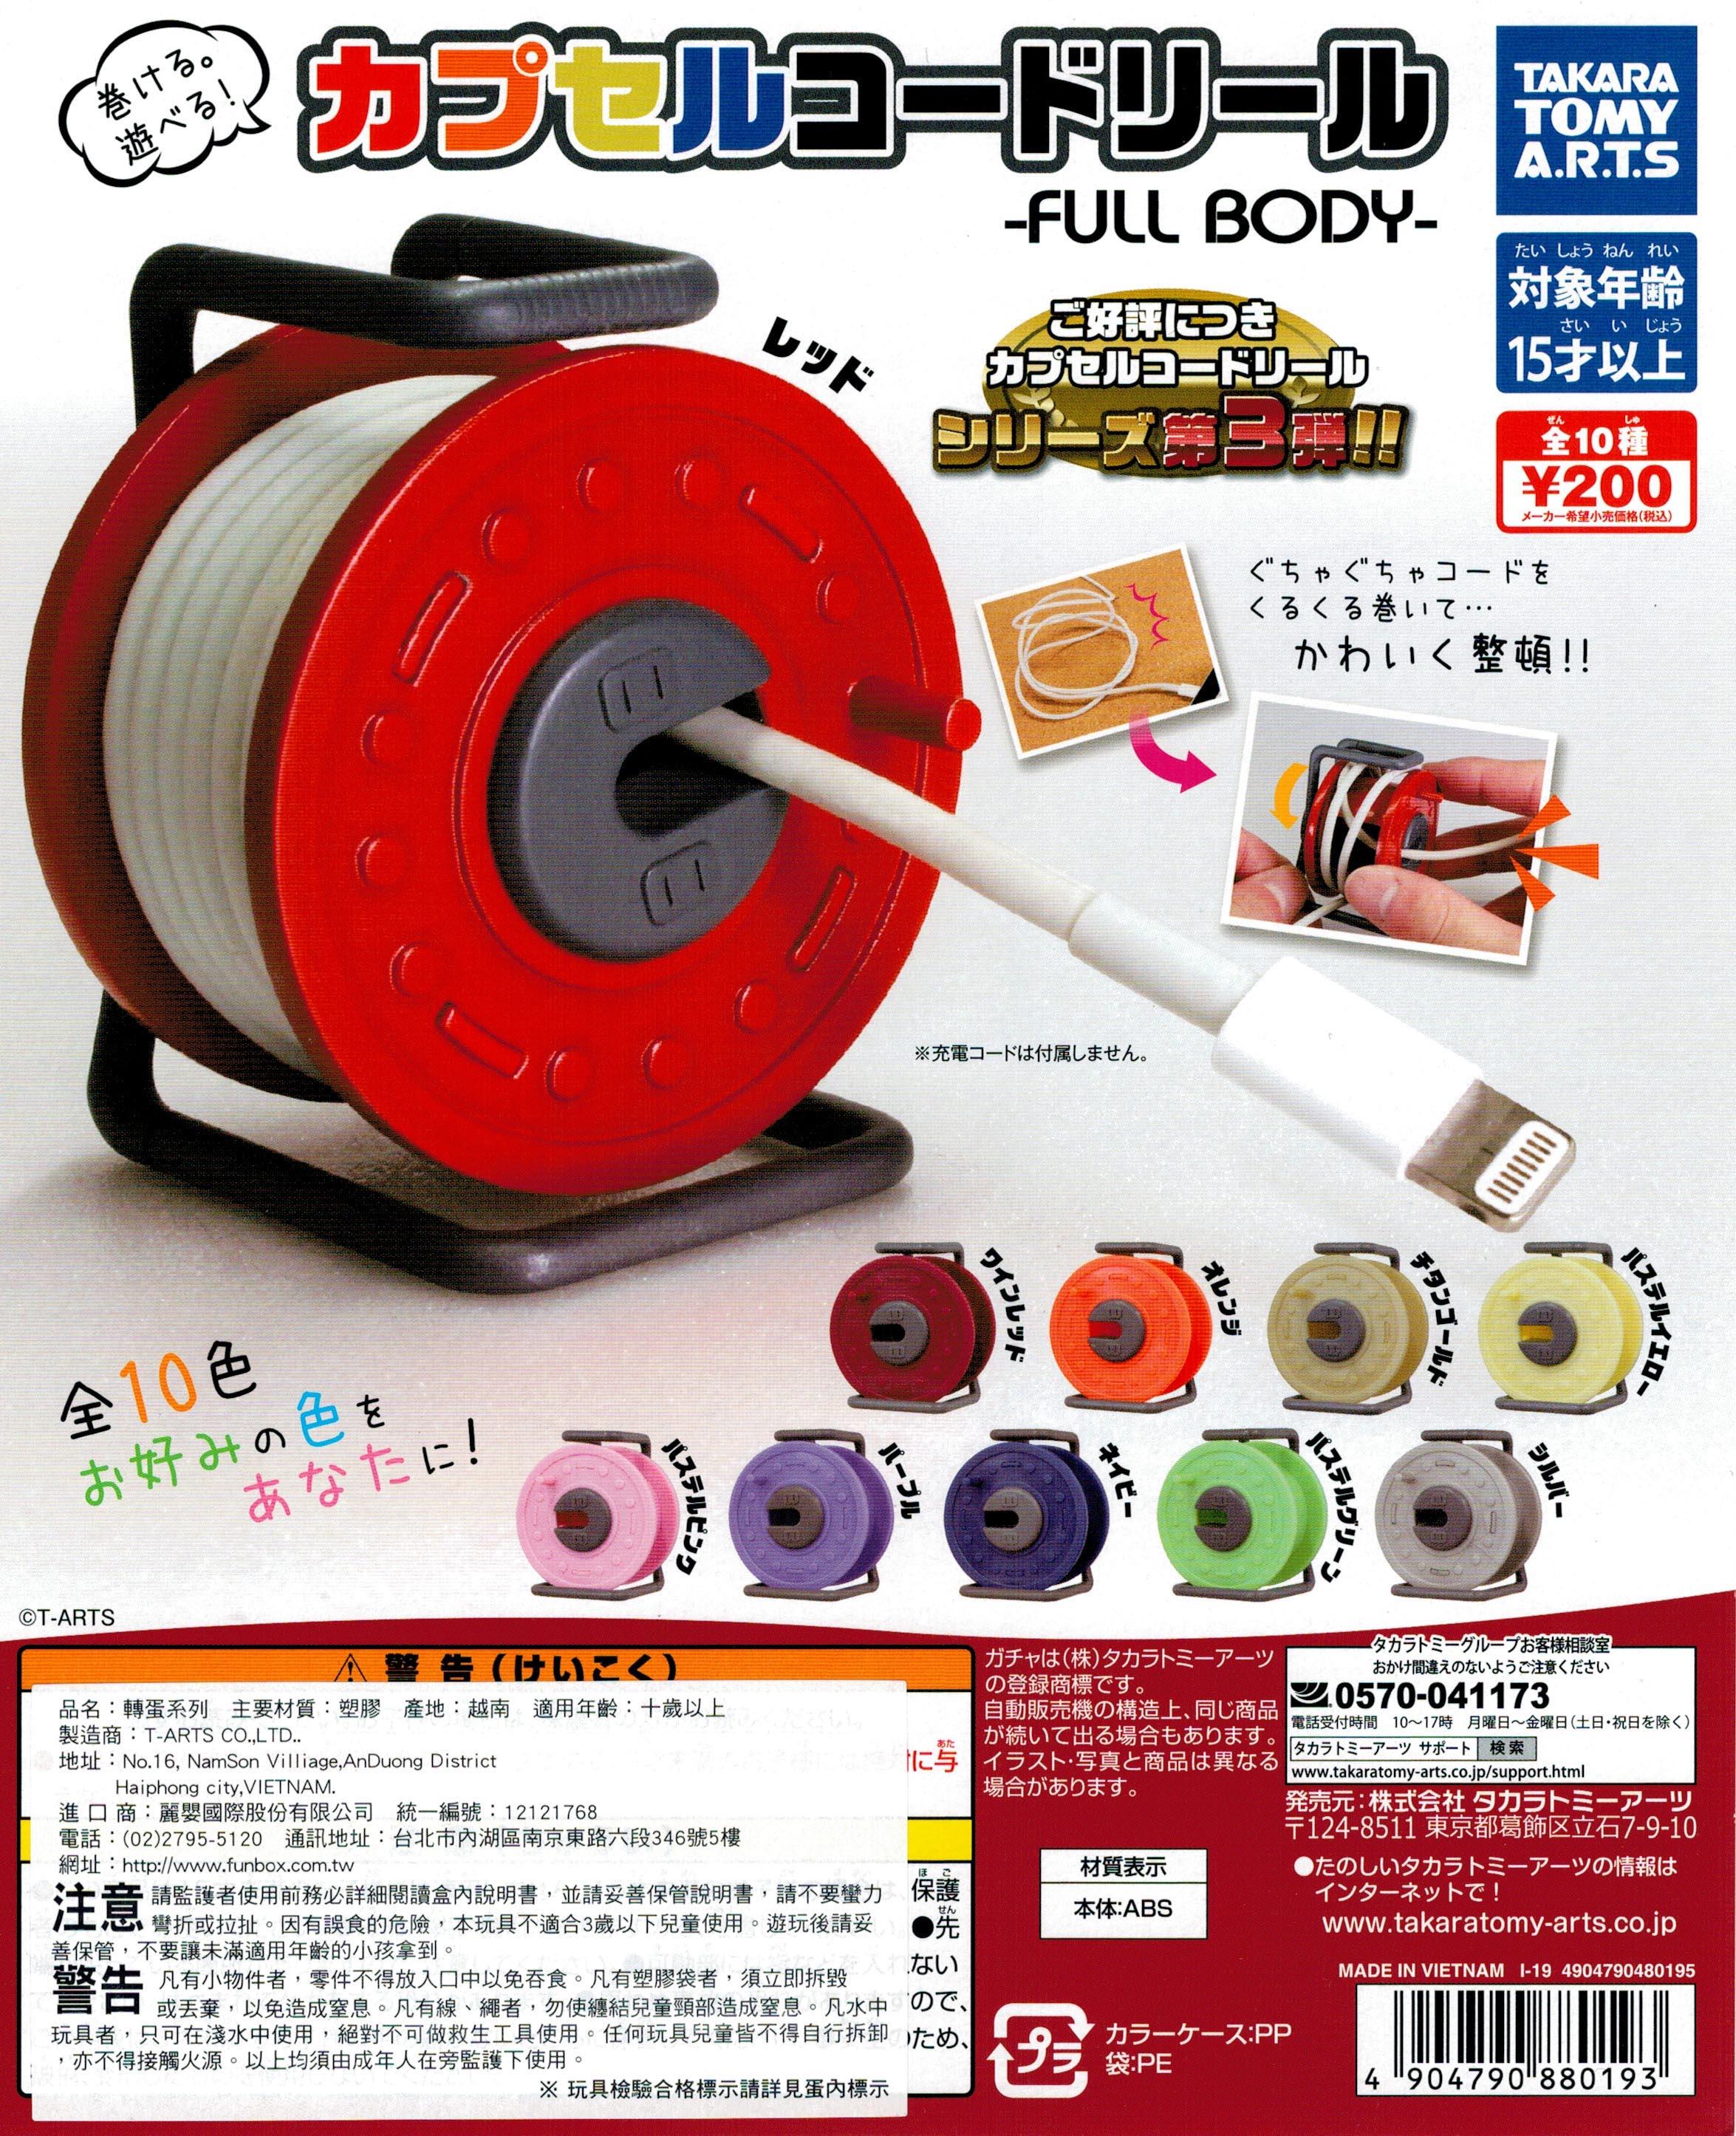 4904790880193電線集線器FULL BODY CA88019.jpg